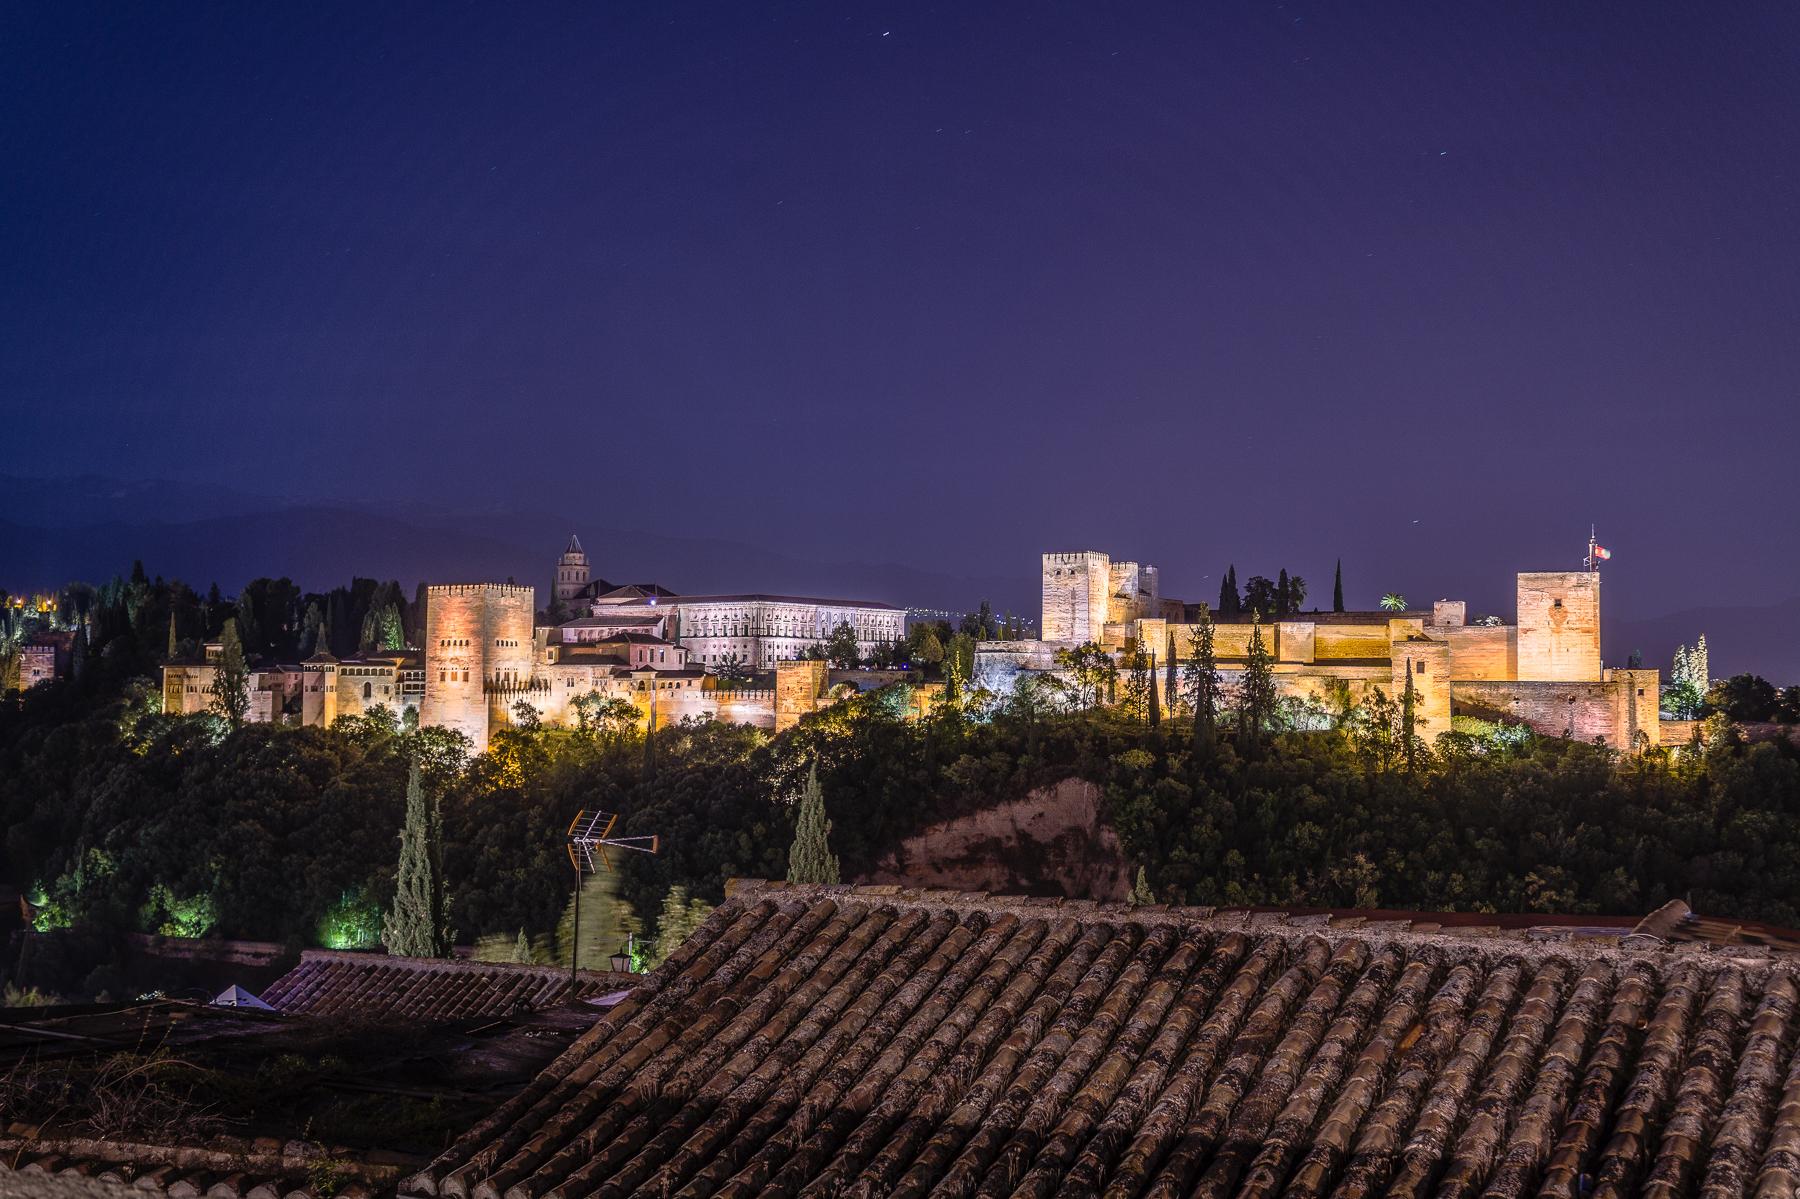 Foto Nocturna de la Alhambra desde el Sacromonte, Granada, España.